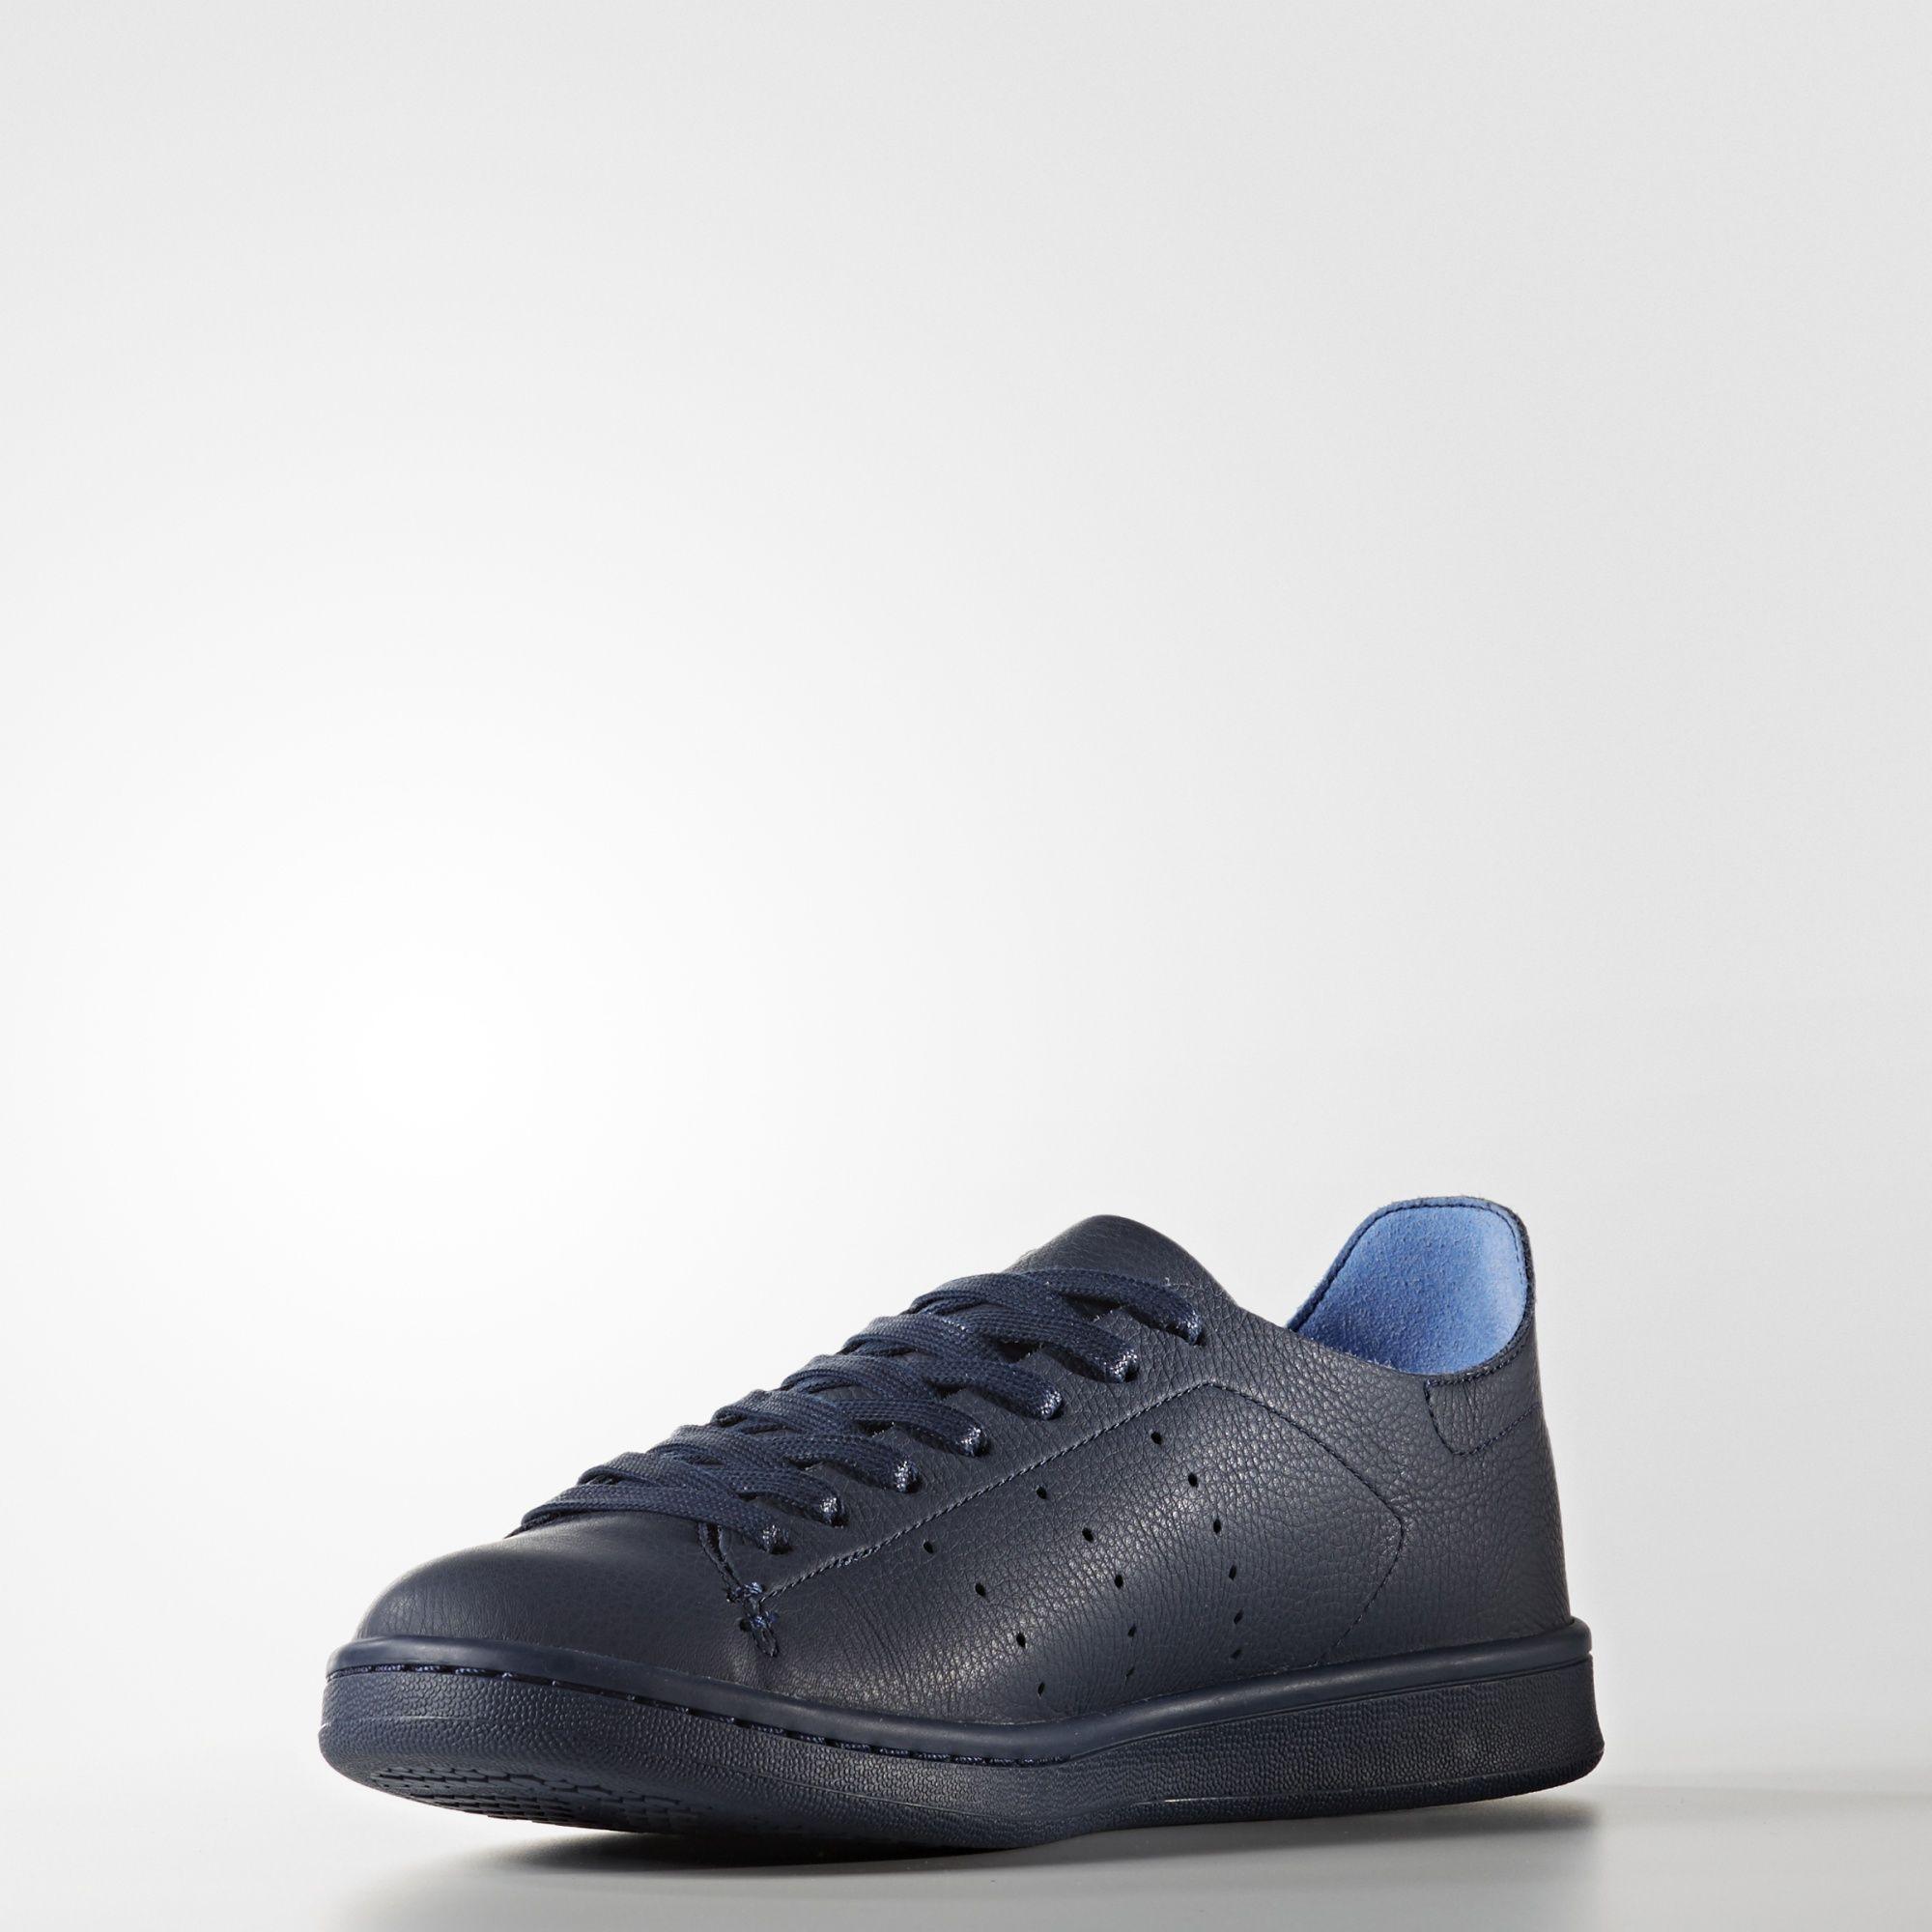 Stan Smith Leather Sock M BZ0231 Adidas